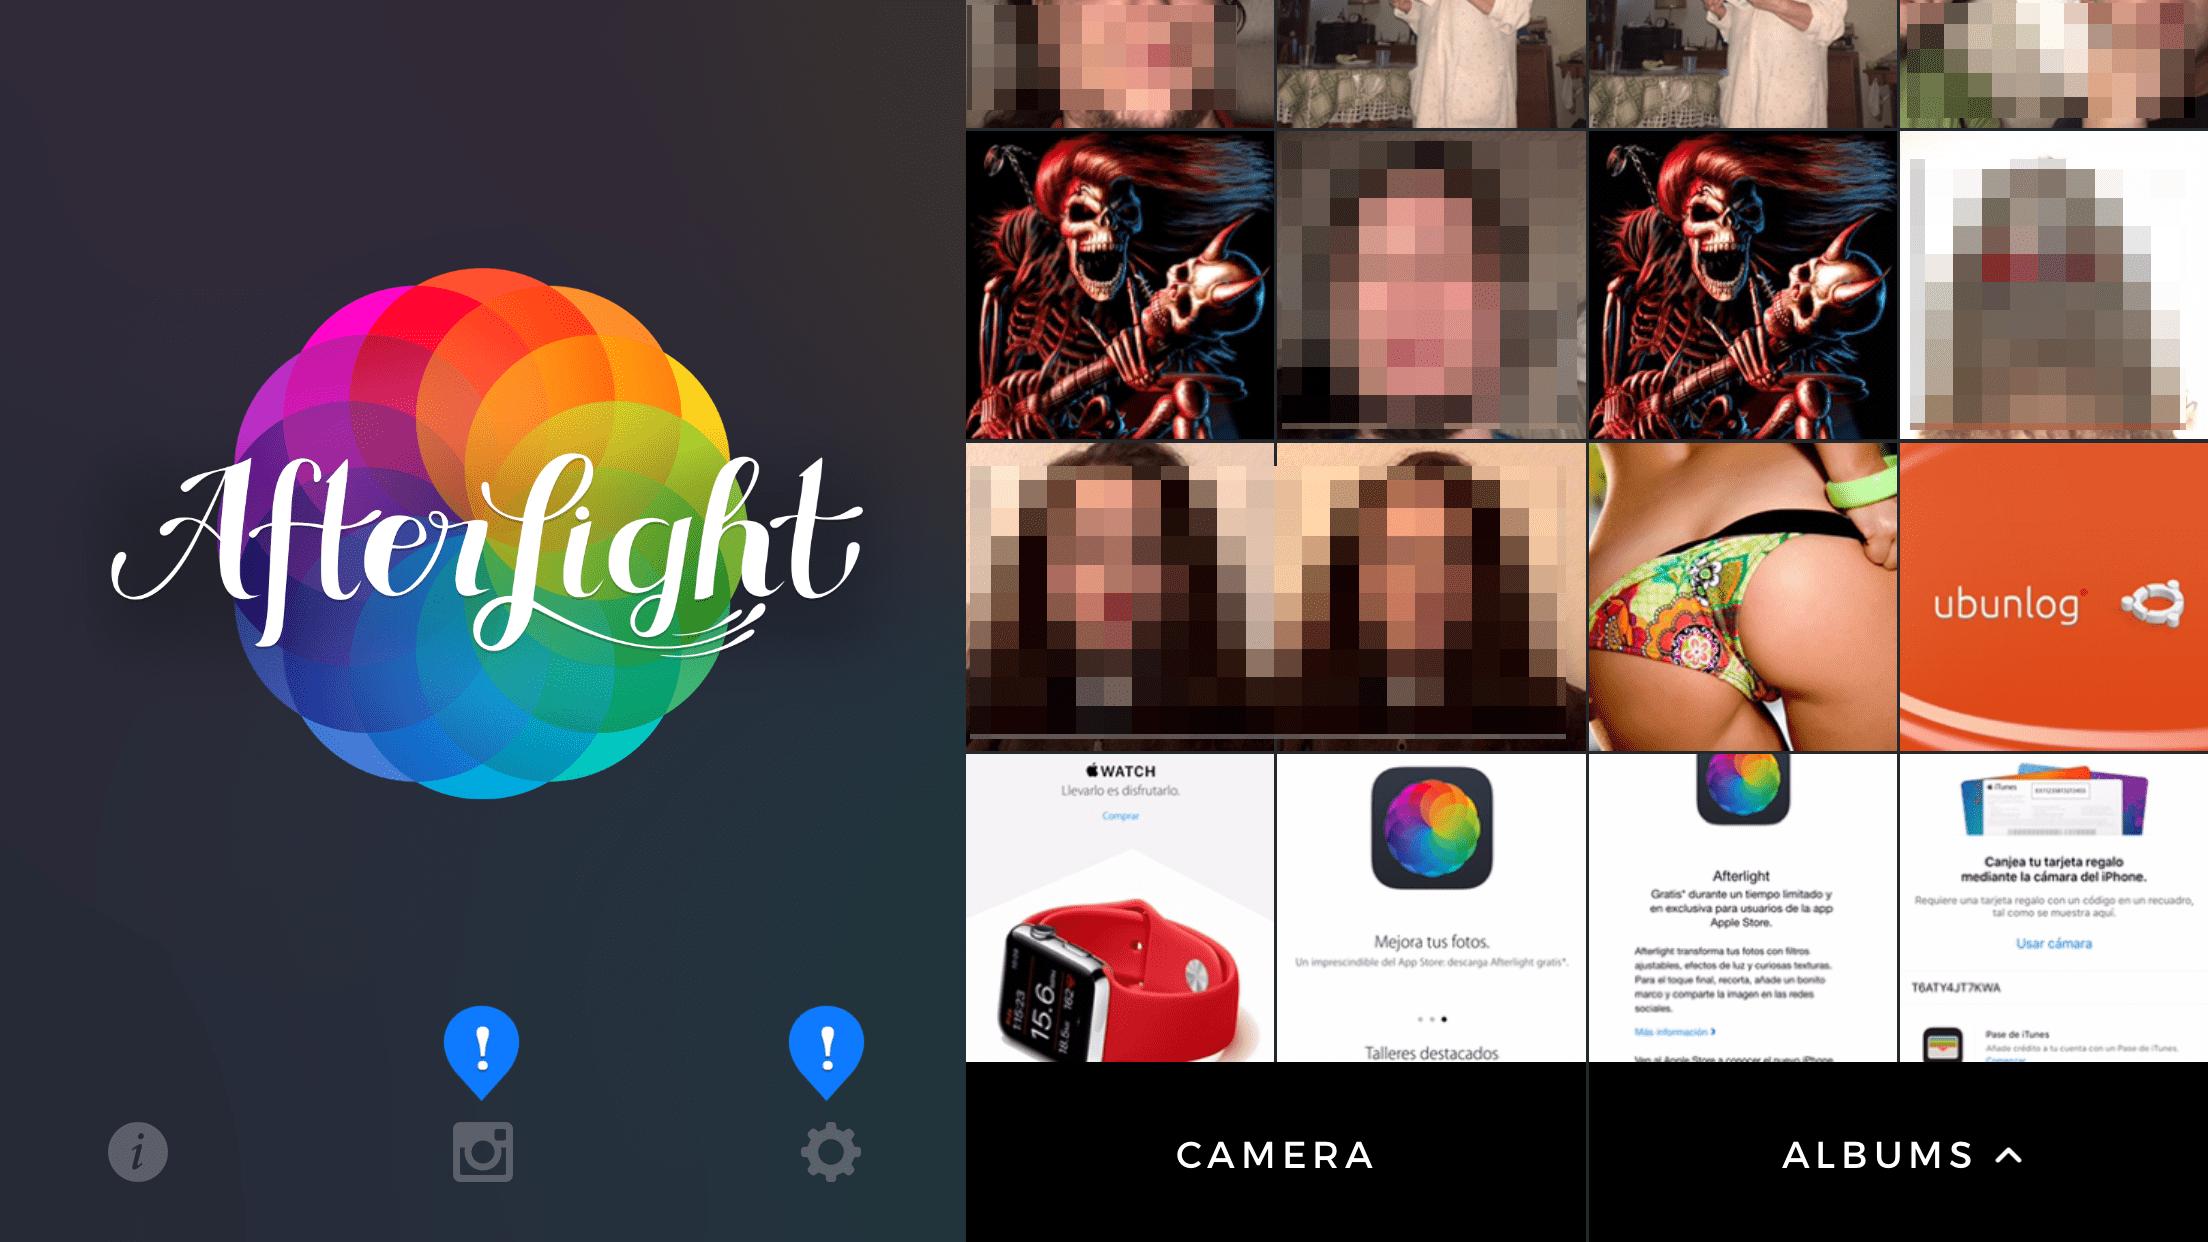 Consigue Afterlight gratis con la aplicación del Apple Store